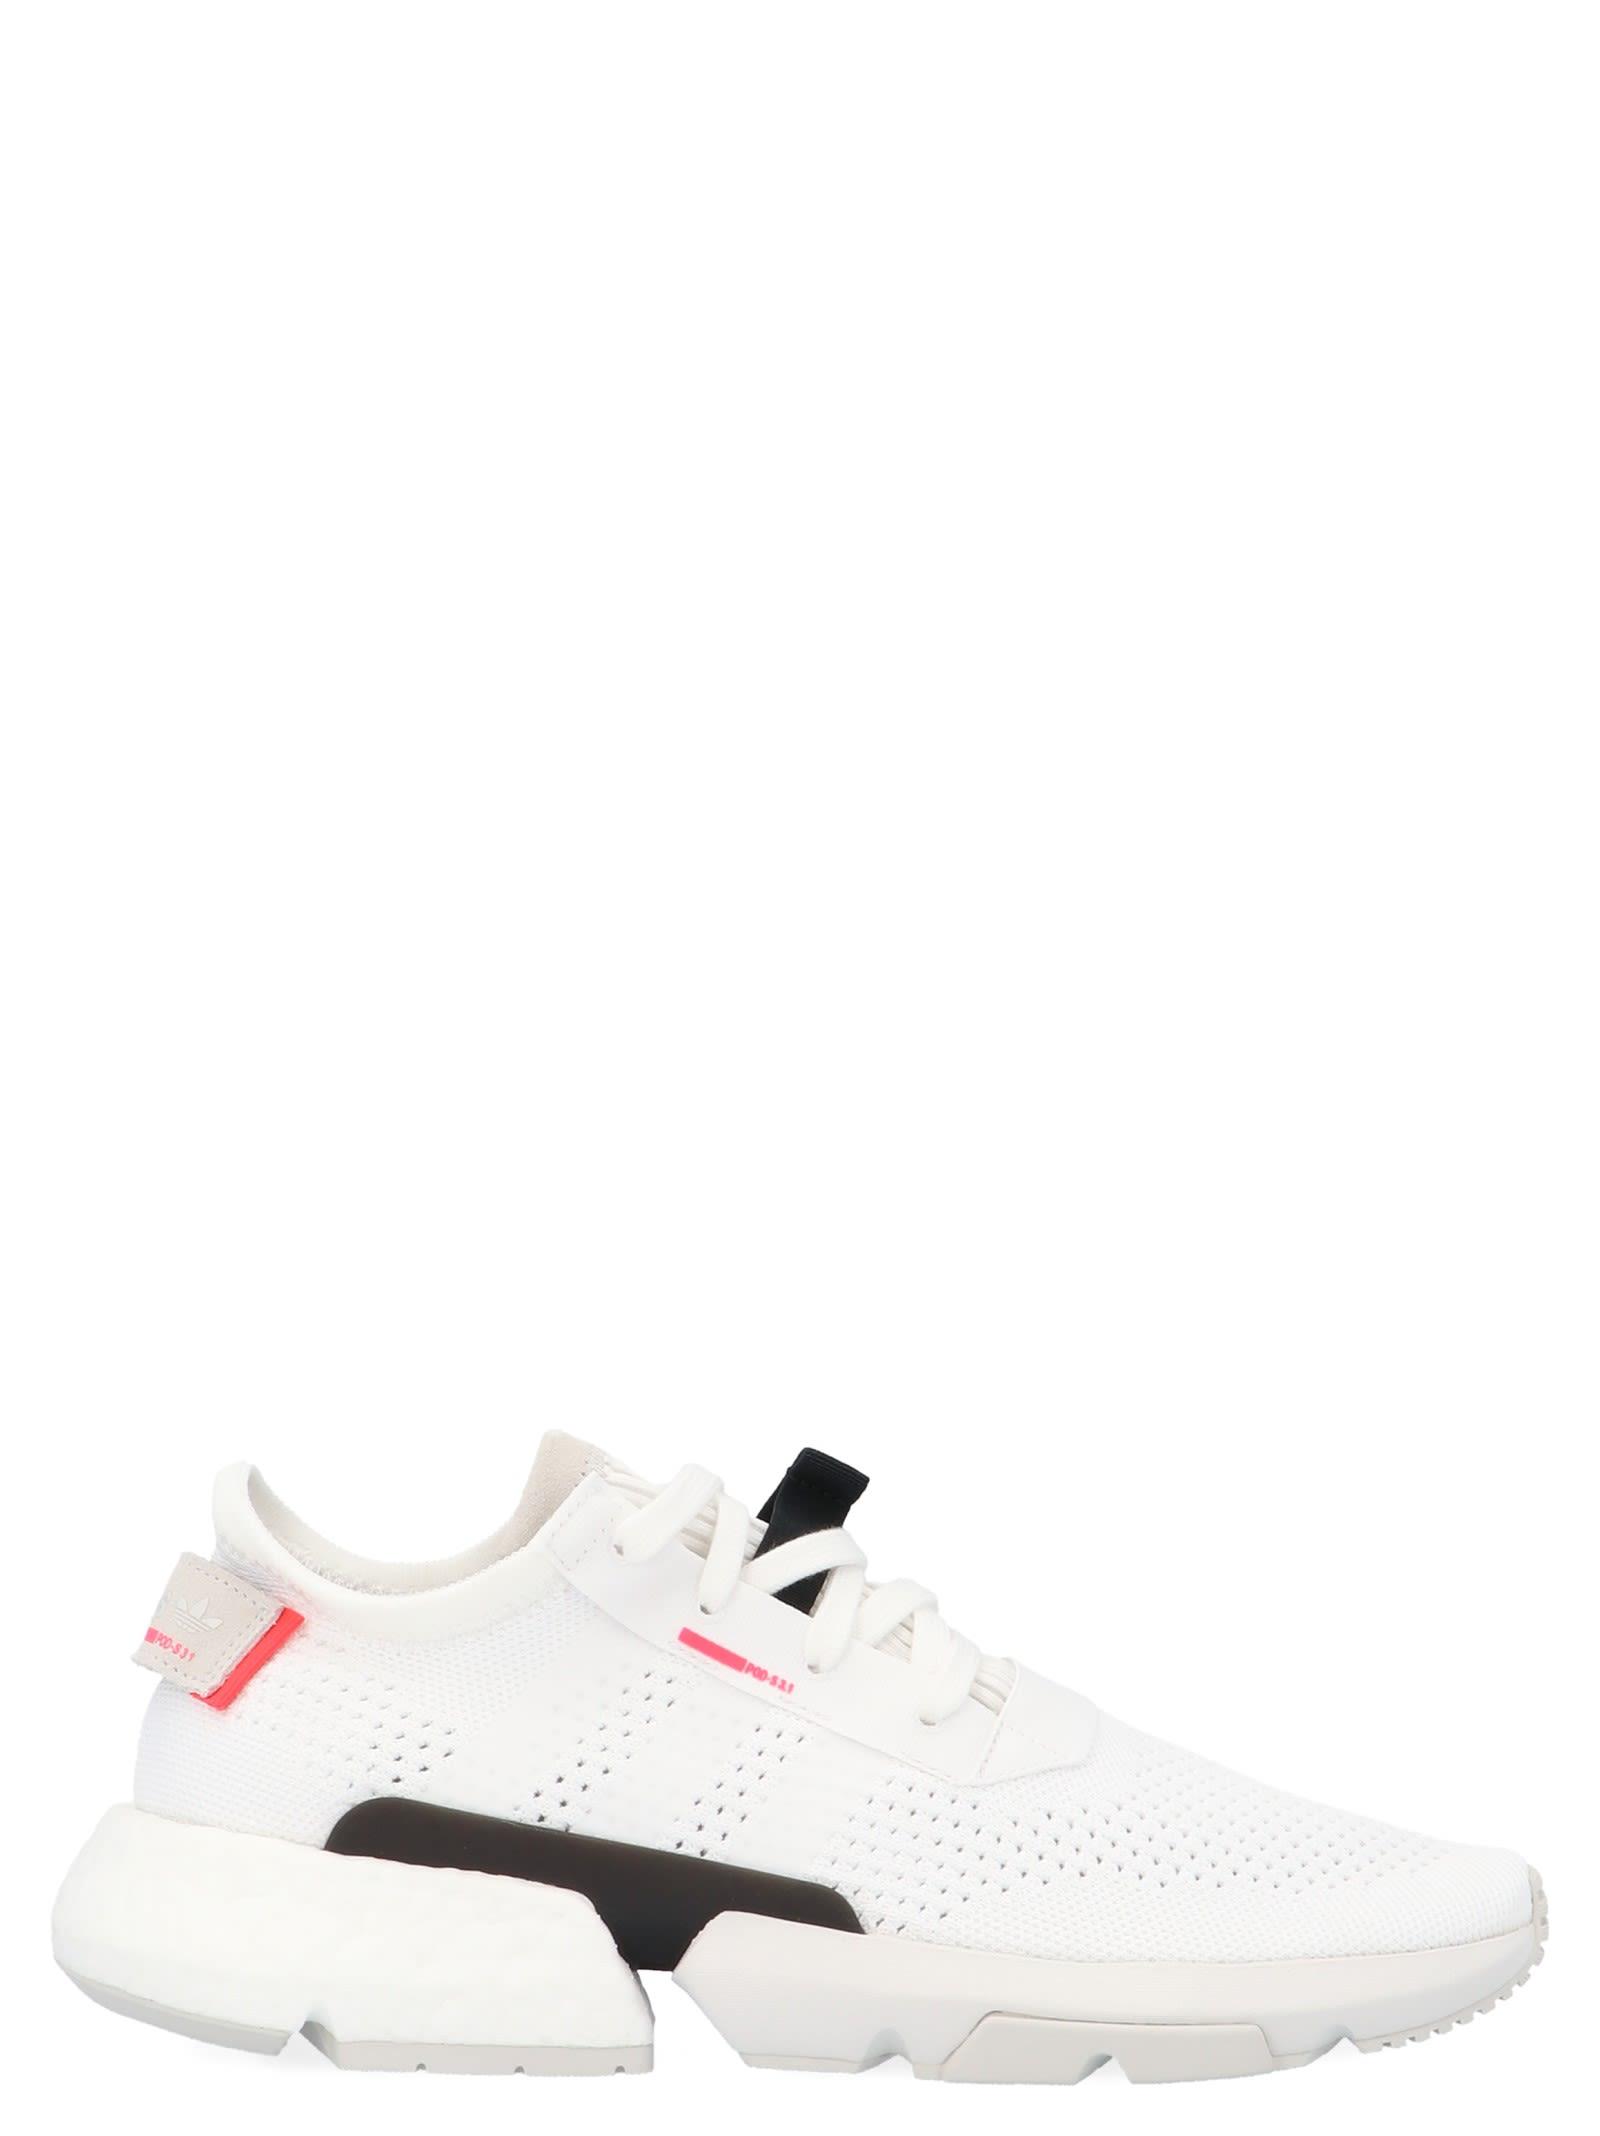 size 40 8c1ad 31cc8 Adidas Originals pod-s3.1 Shoes ...